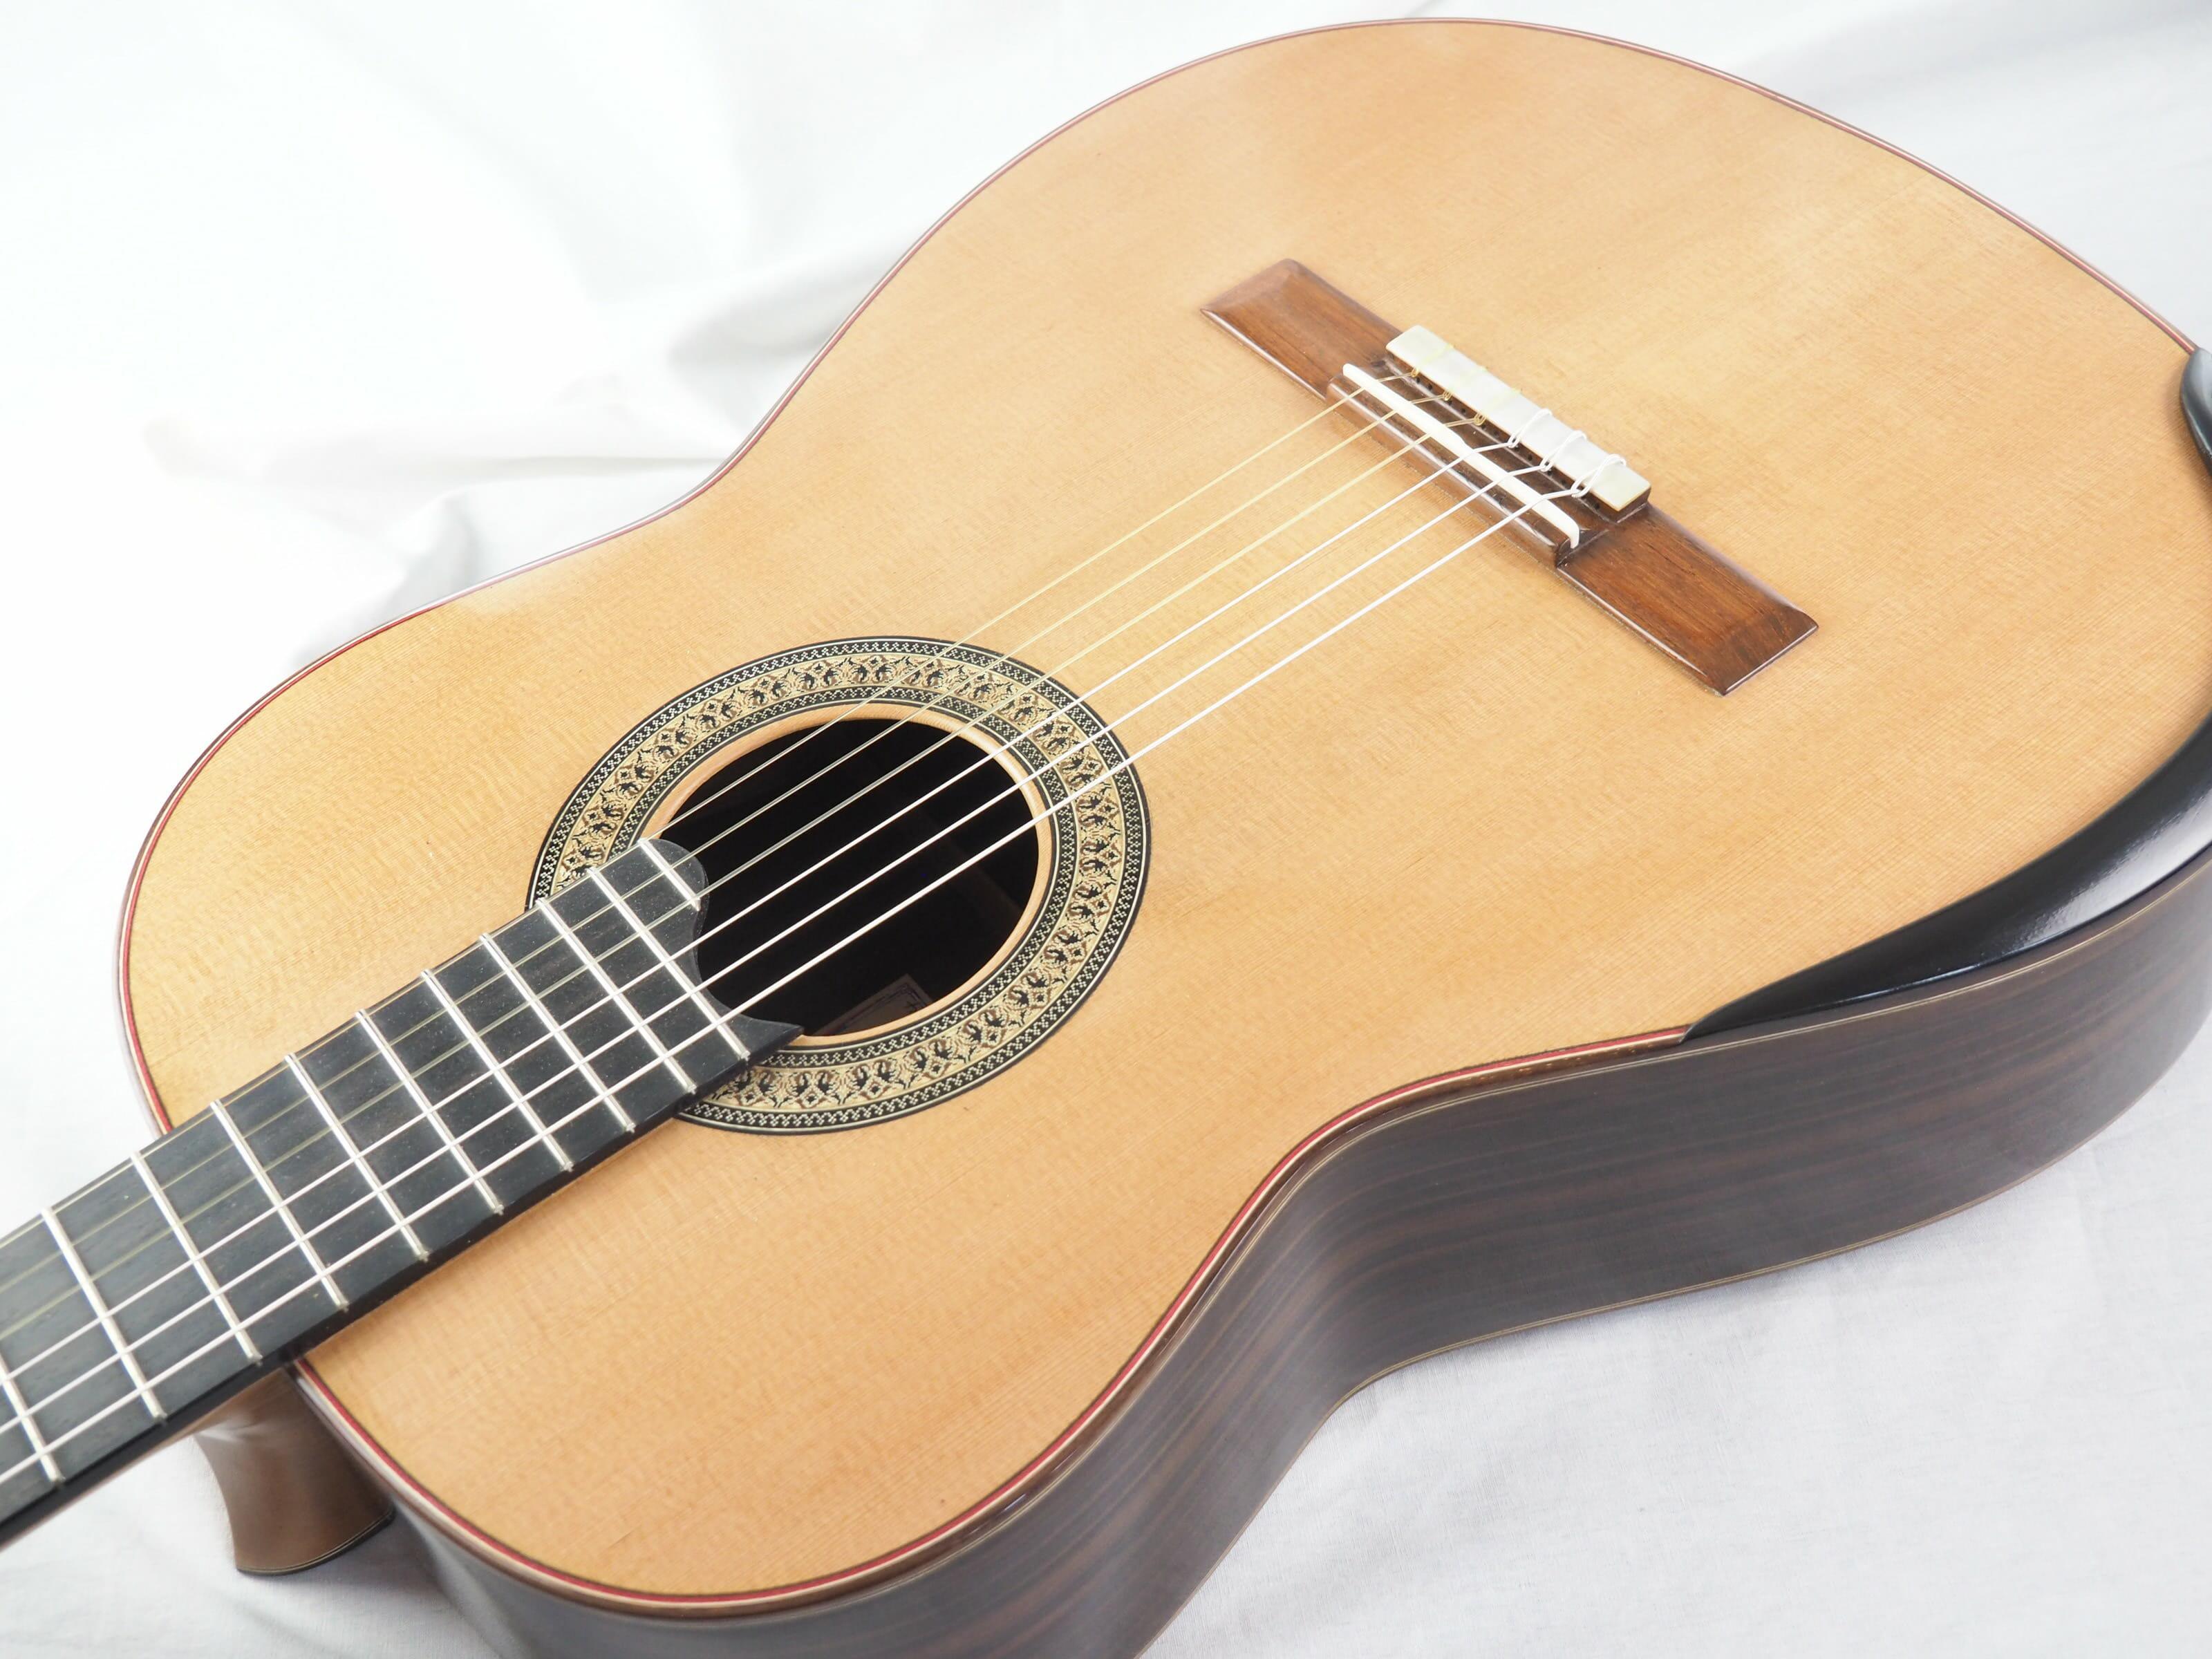 Jean-Noel Lebreton luthier guitare classique No 19LEB192-01